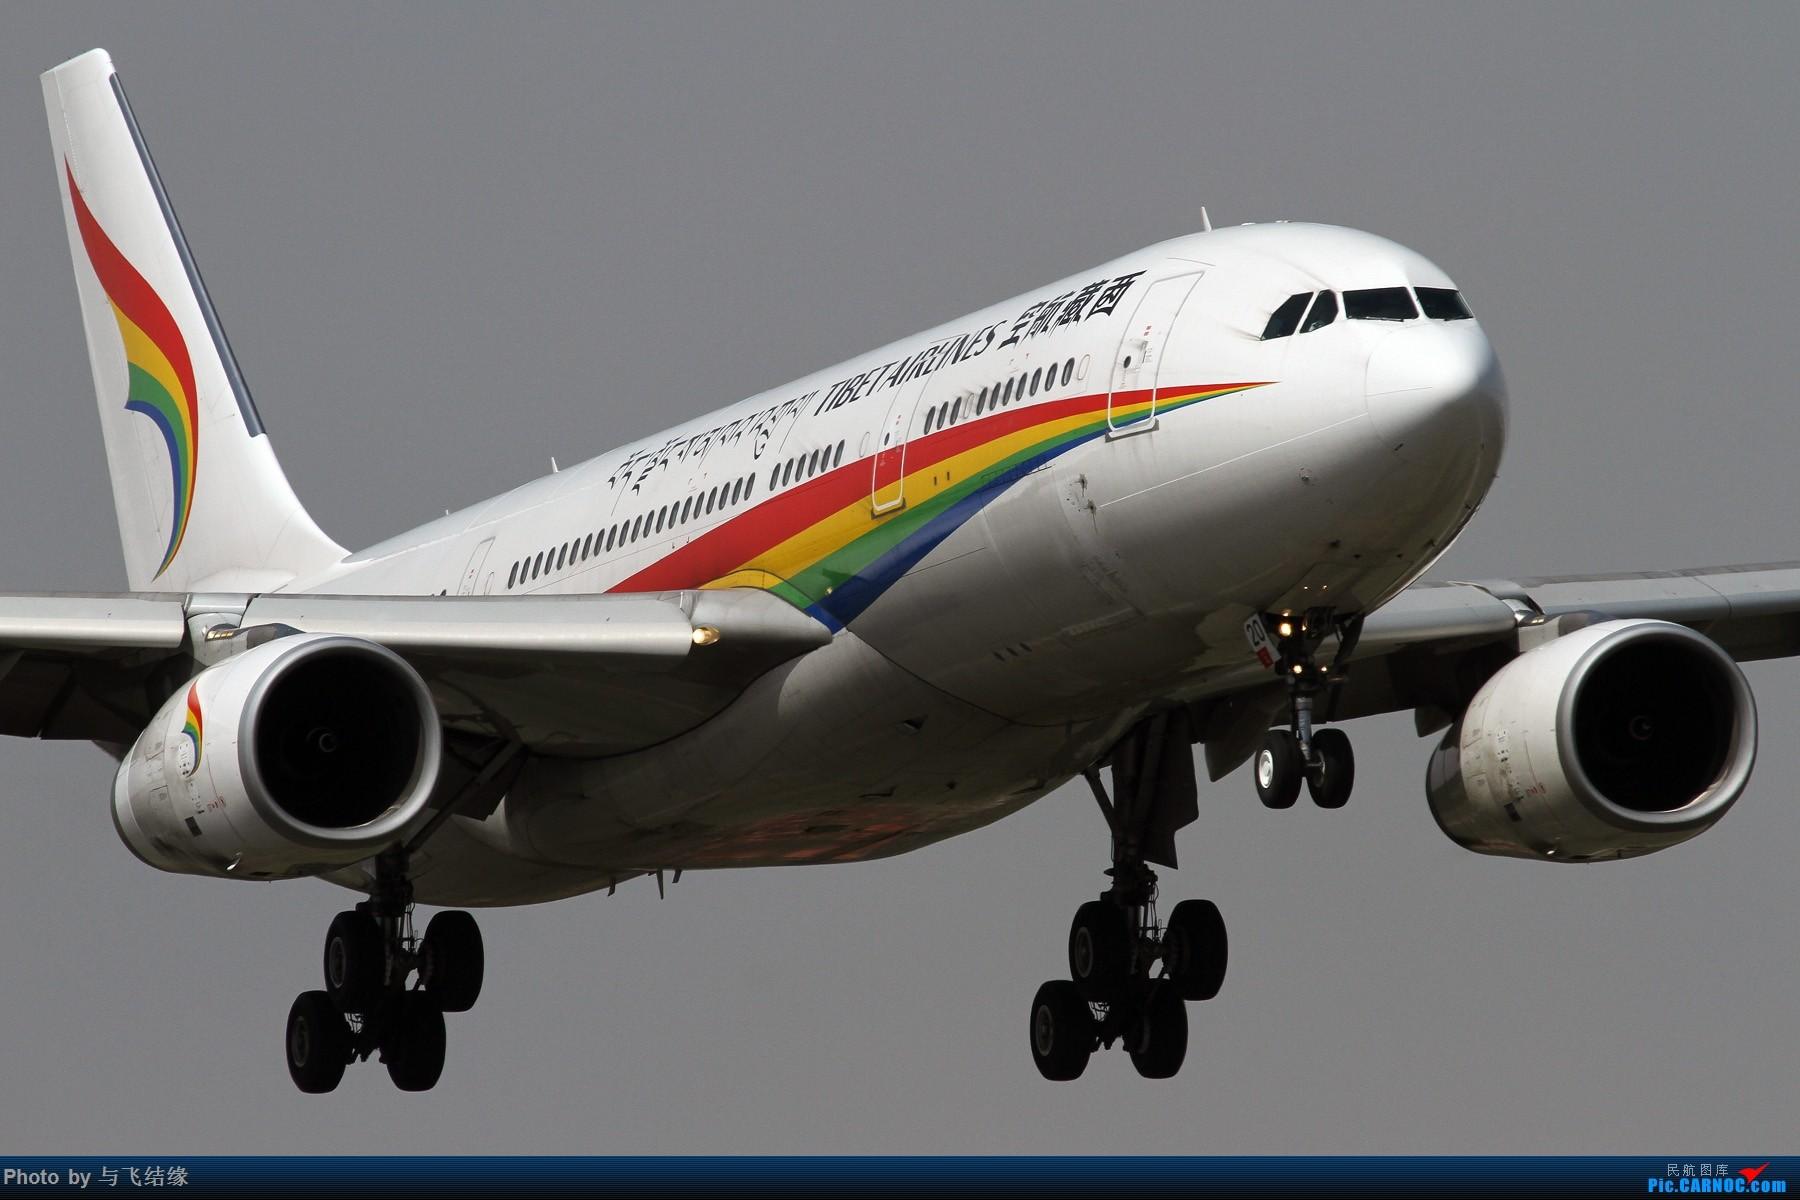 [原创]西藏航空Airbus A330-200,B-8420组图。 AIRBUS A330-200 B-8420 中国北京首都国际机场